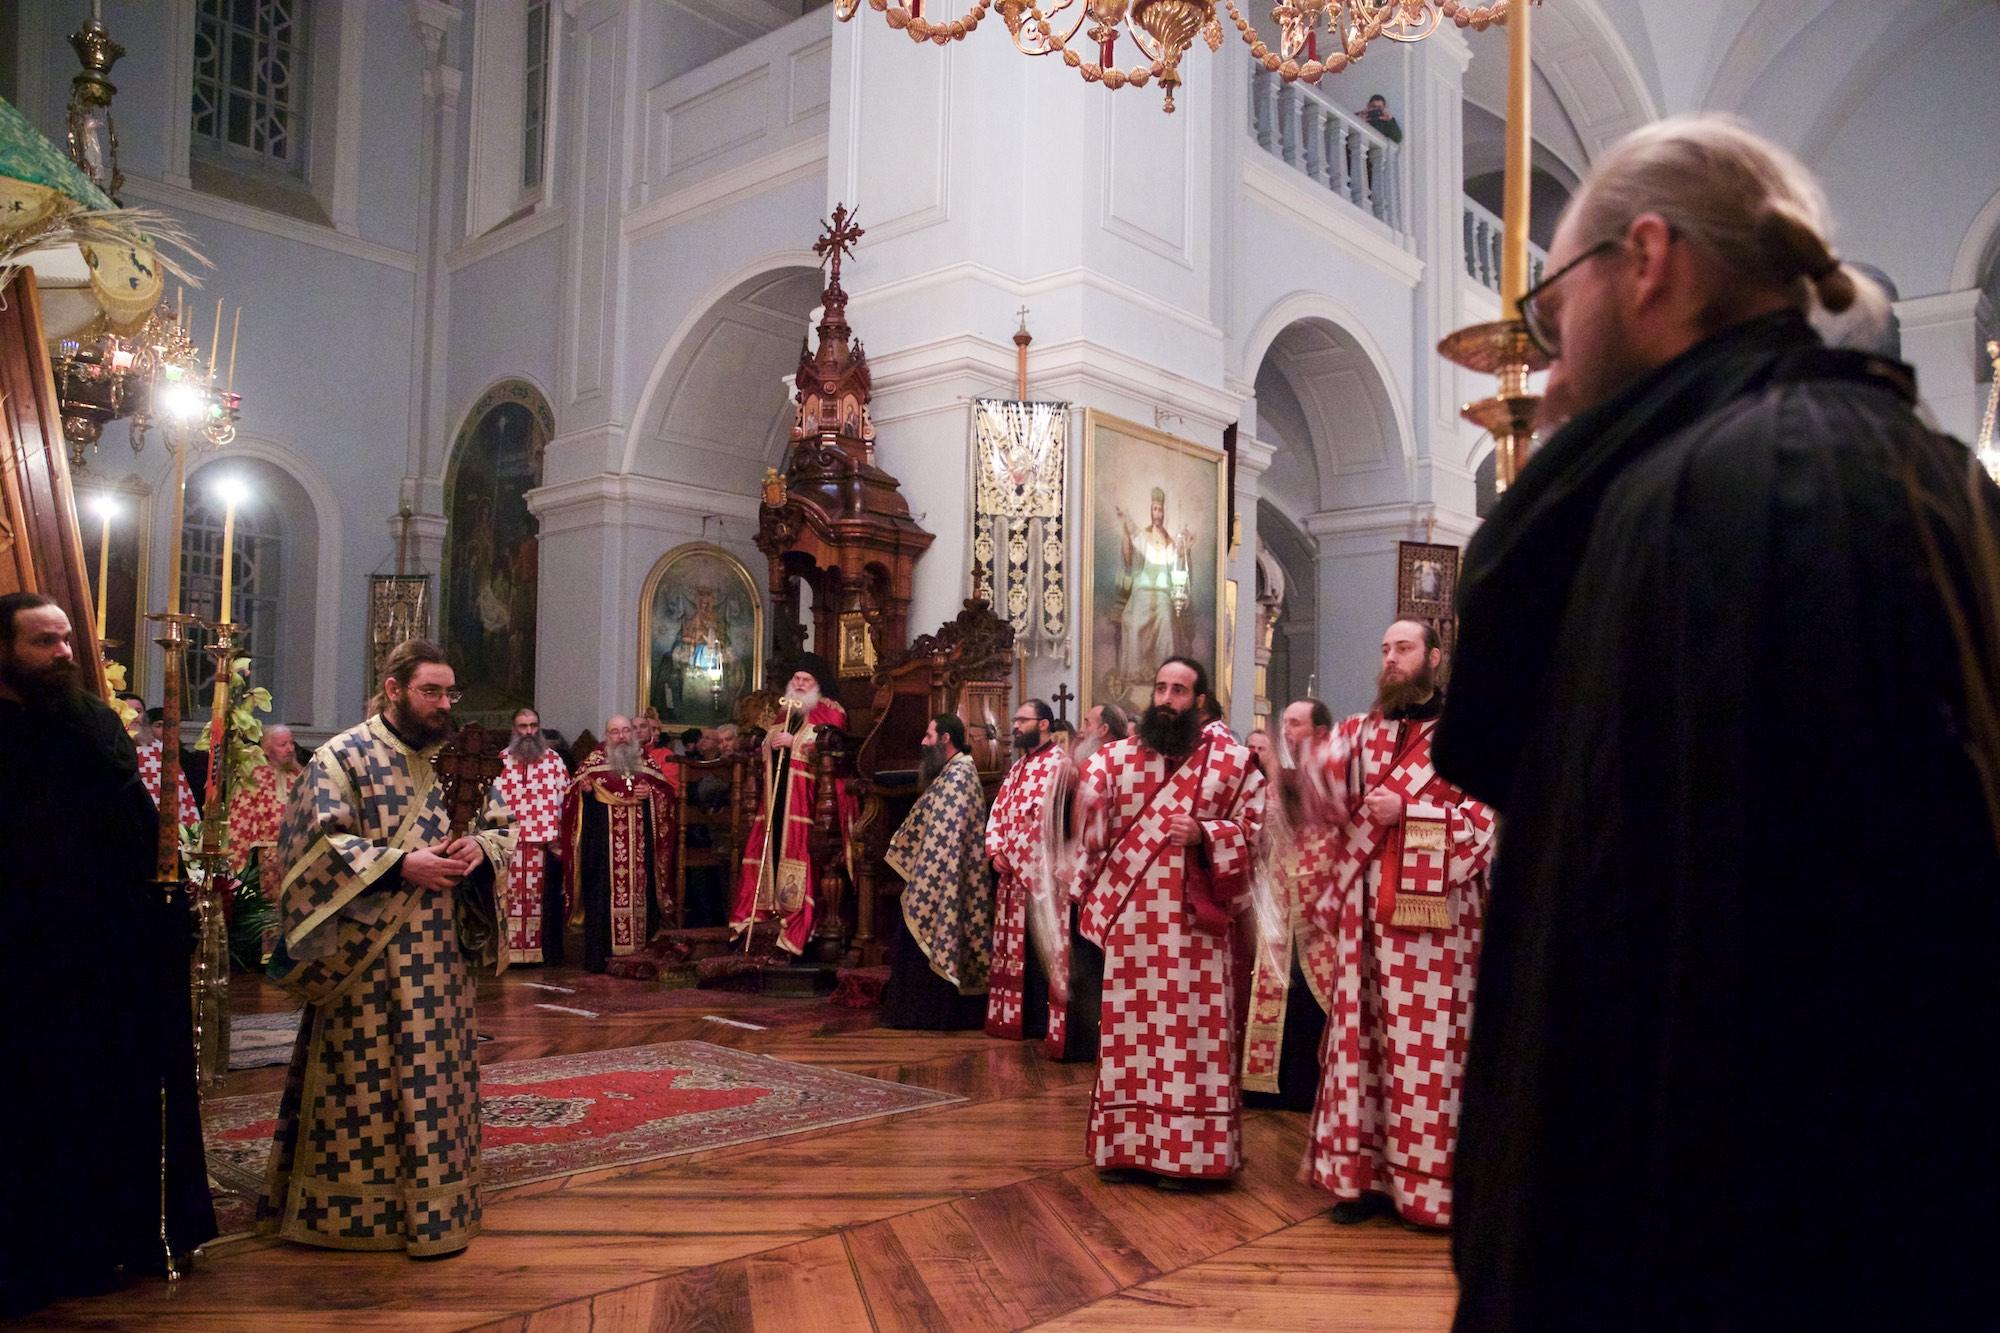 Ο Εσπερινός αποτελεί την απογευματινή ακολουθία του ημερονυκτίου  προγράμματος της Θείας Λατρείας. Στις μεγάλες Δεσποτικές και Θεομητορικές  εορτές καθώς και ... 323bab250b3